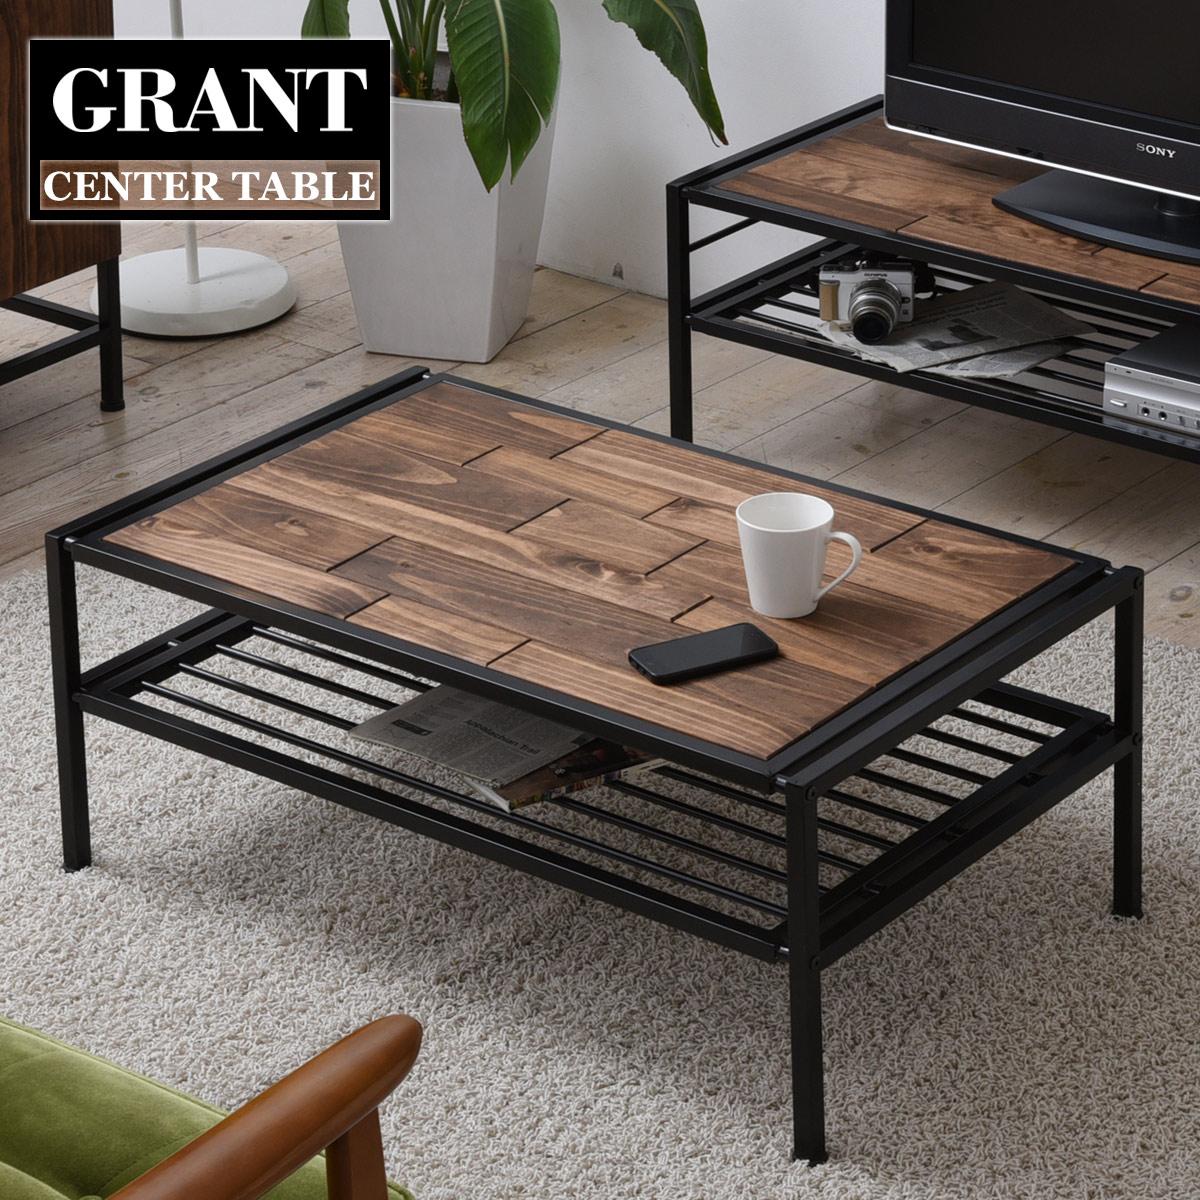 GRANT センターテーブル GRCT-900 センターテーブル 天然木 ローテーブル リビングテーブル 北欧